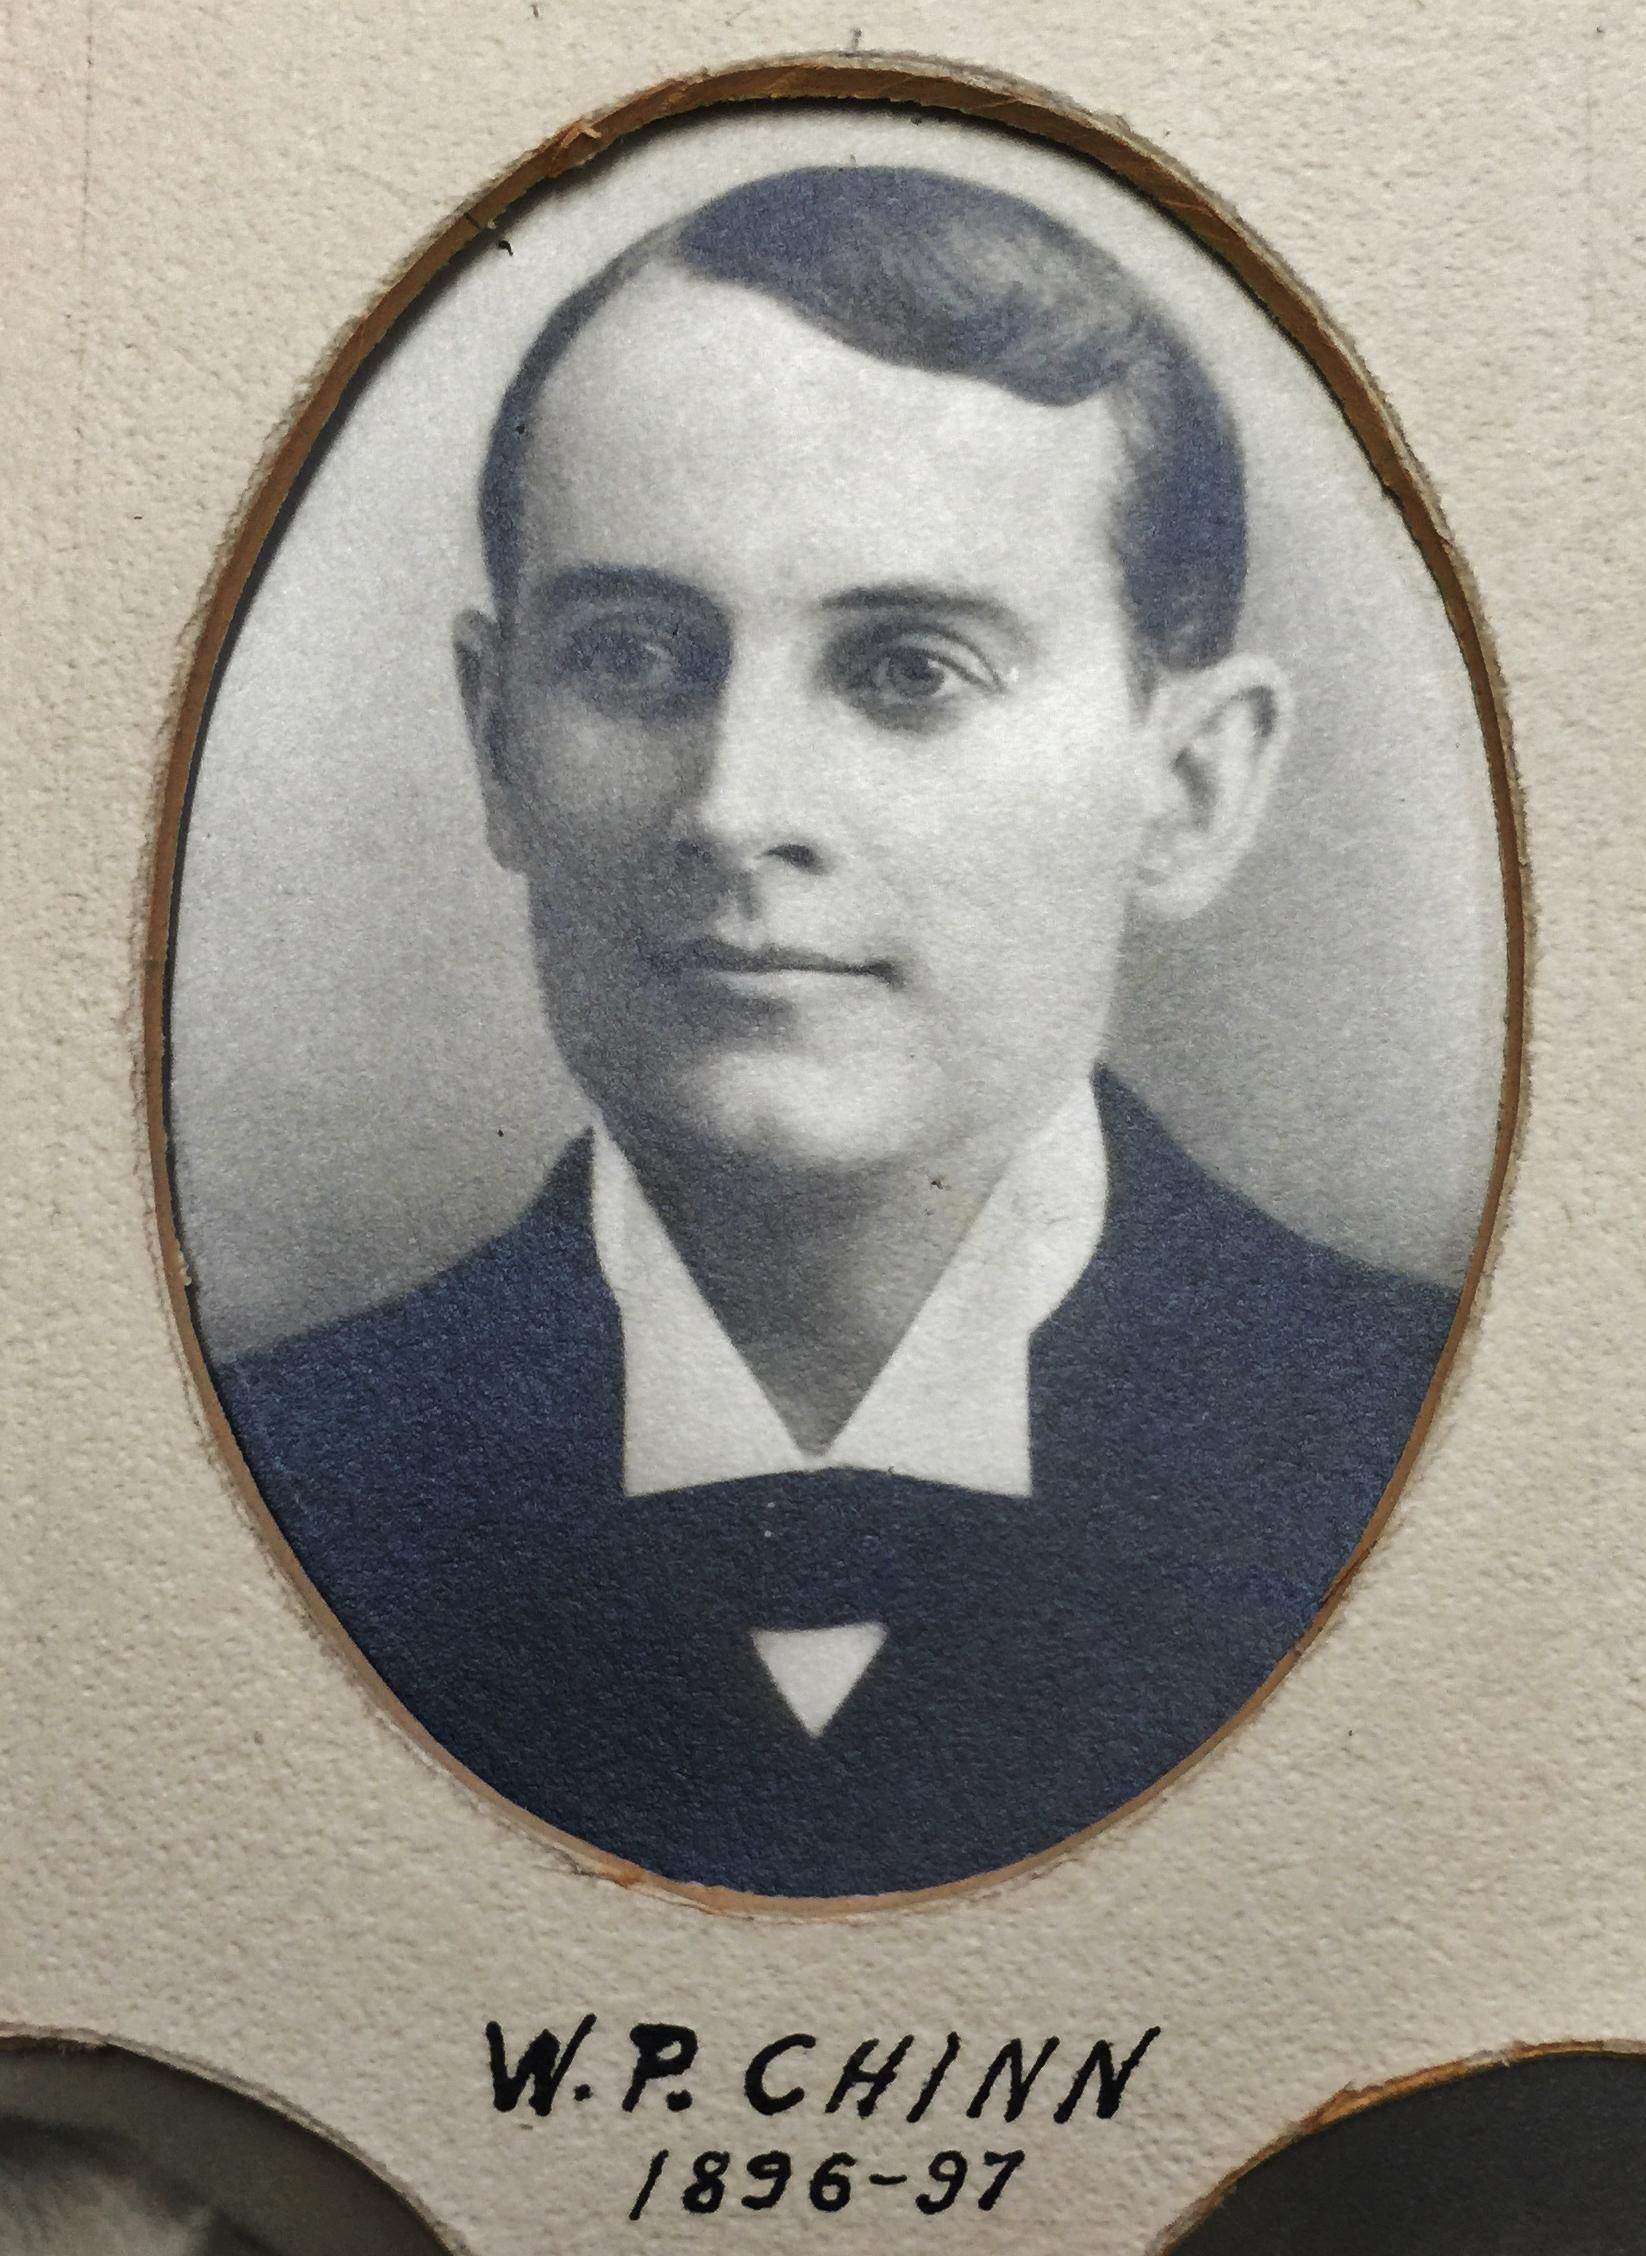 1896-1897 W.P. Chinn